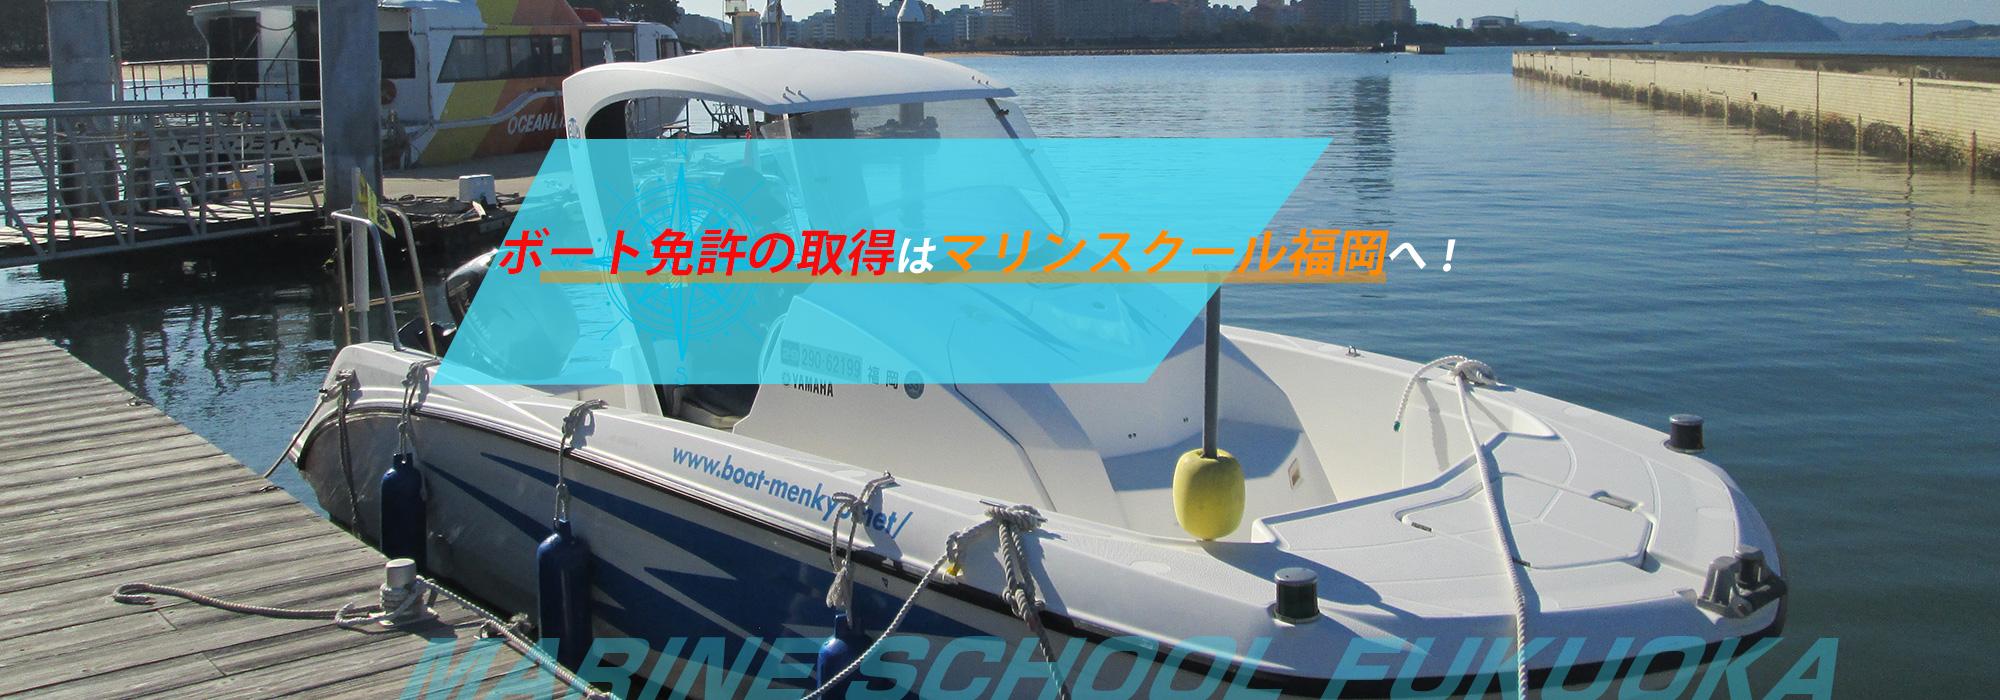 ボート免許の取得はマリンスクール福岡へ!